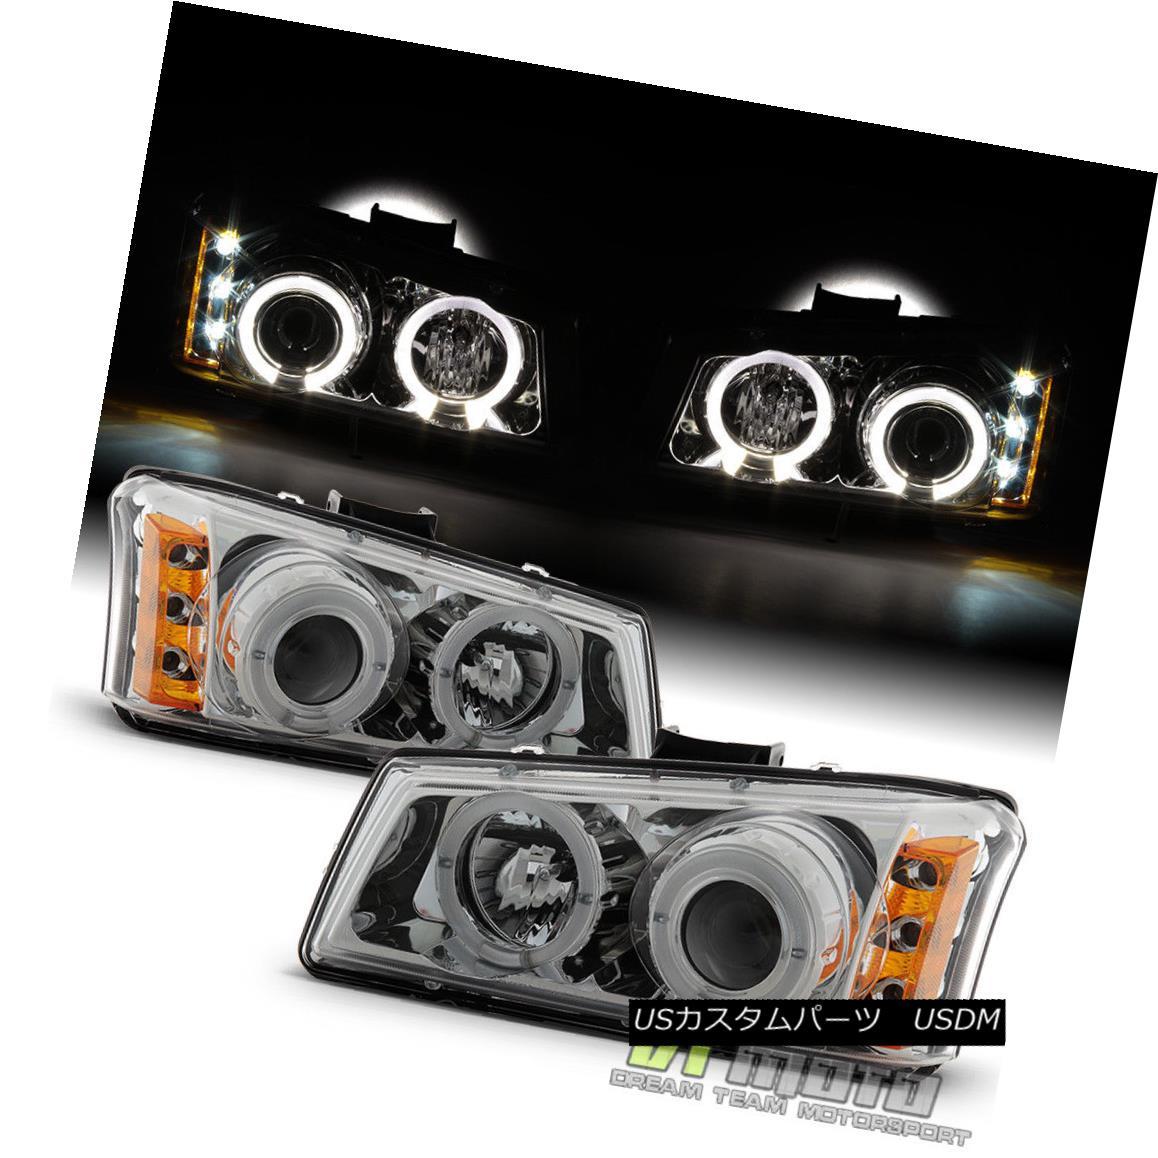 ヘッドライト 2003-2006 Chevy Silverado Avalanche LED Halo Projector Headlights Set Left+Right 2003年?2006年シボレーシルバラードアバランチェLEDハロープロジェクターヘッドライトセット左+右